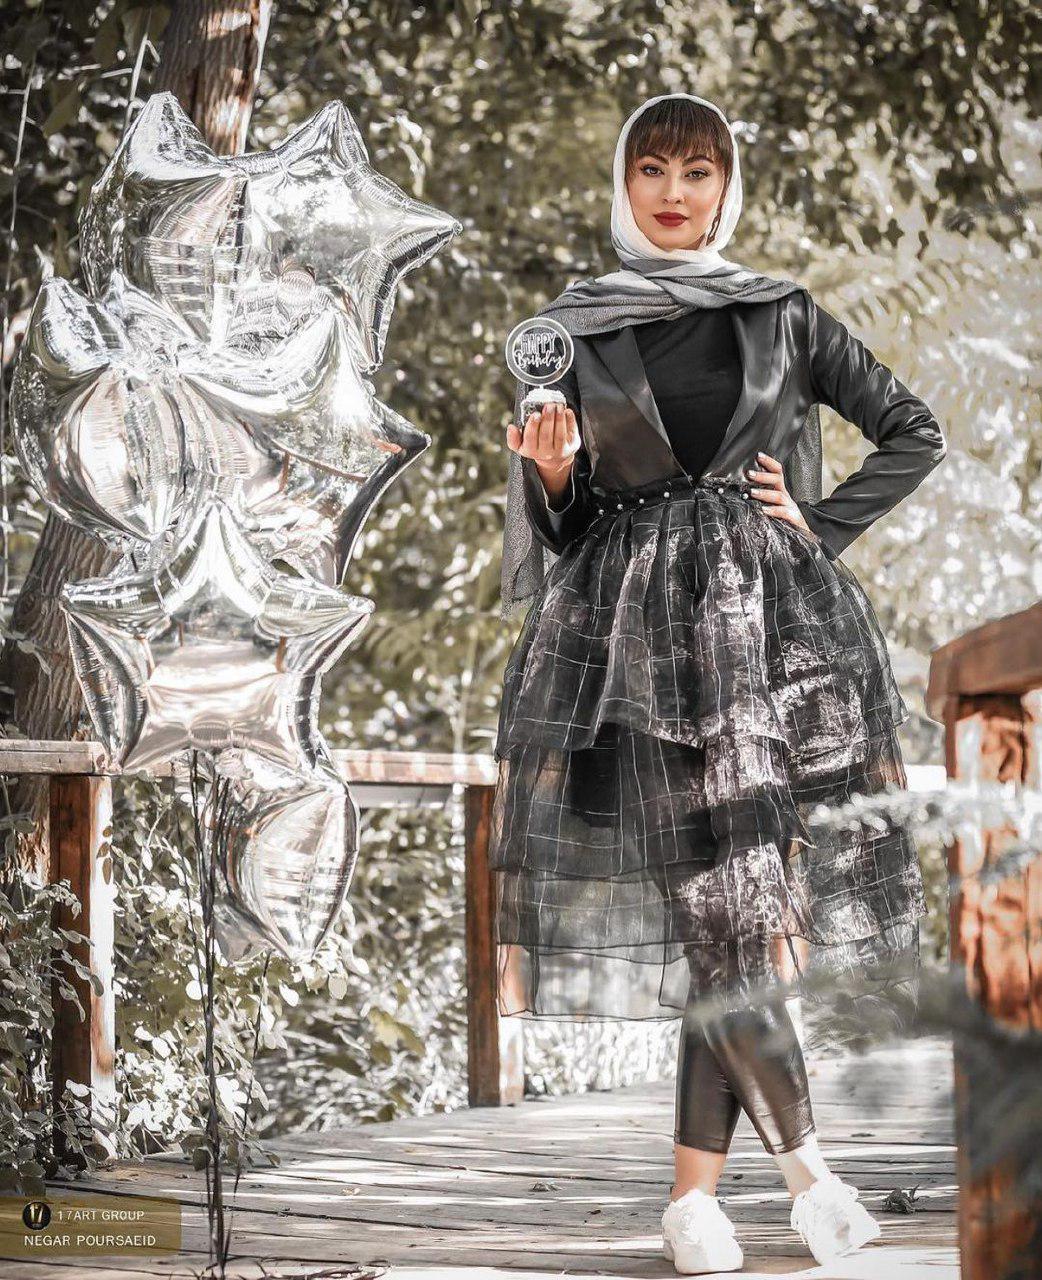 ژست خفن مریم مومن با لباسی خاص+ عکس